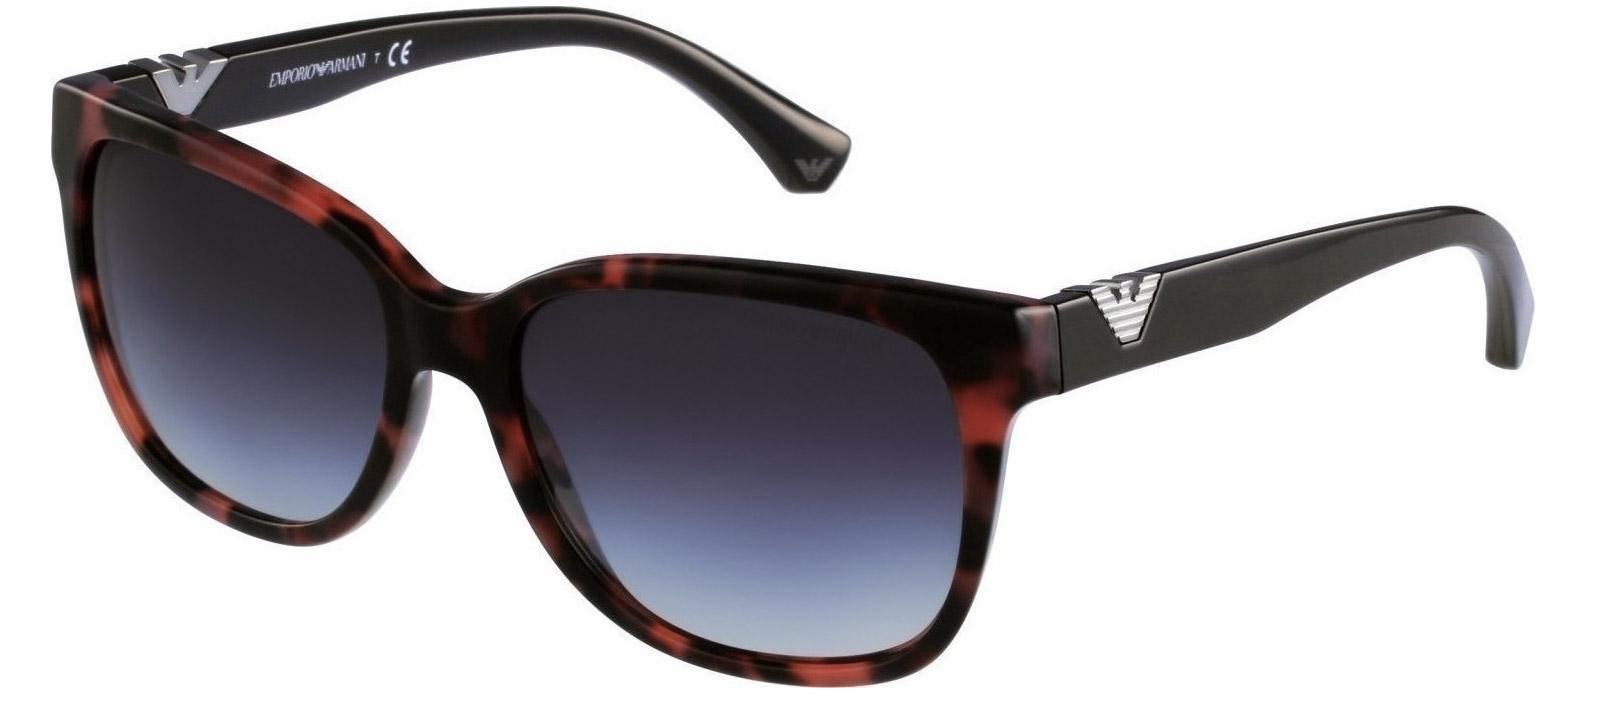 occhiali da sole emporio armani ottica ticinese lugano